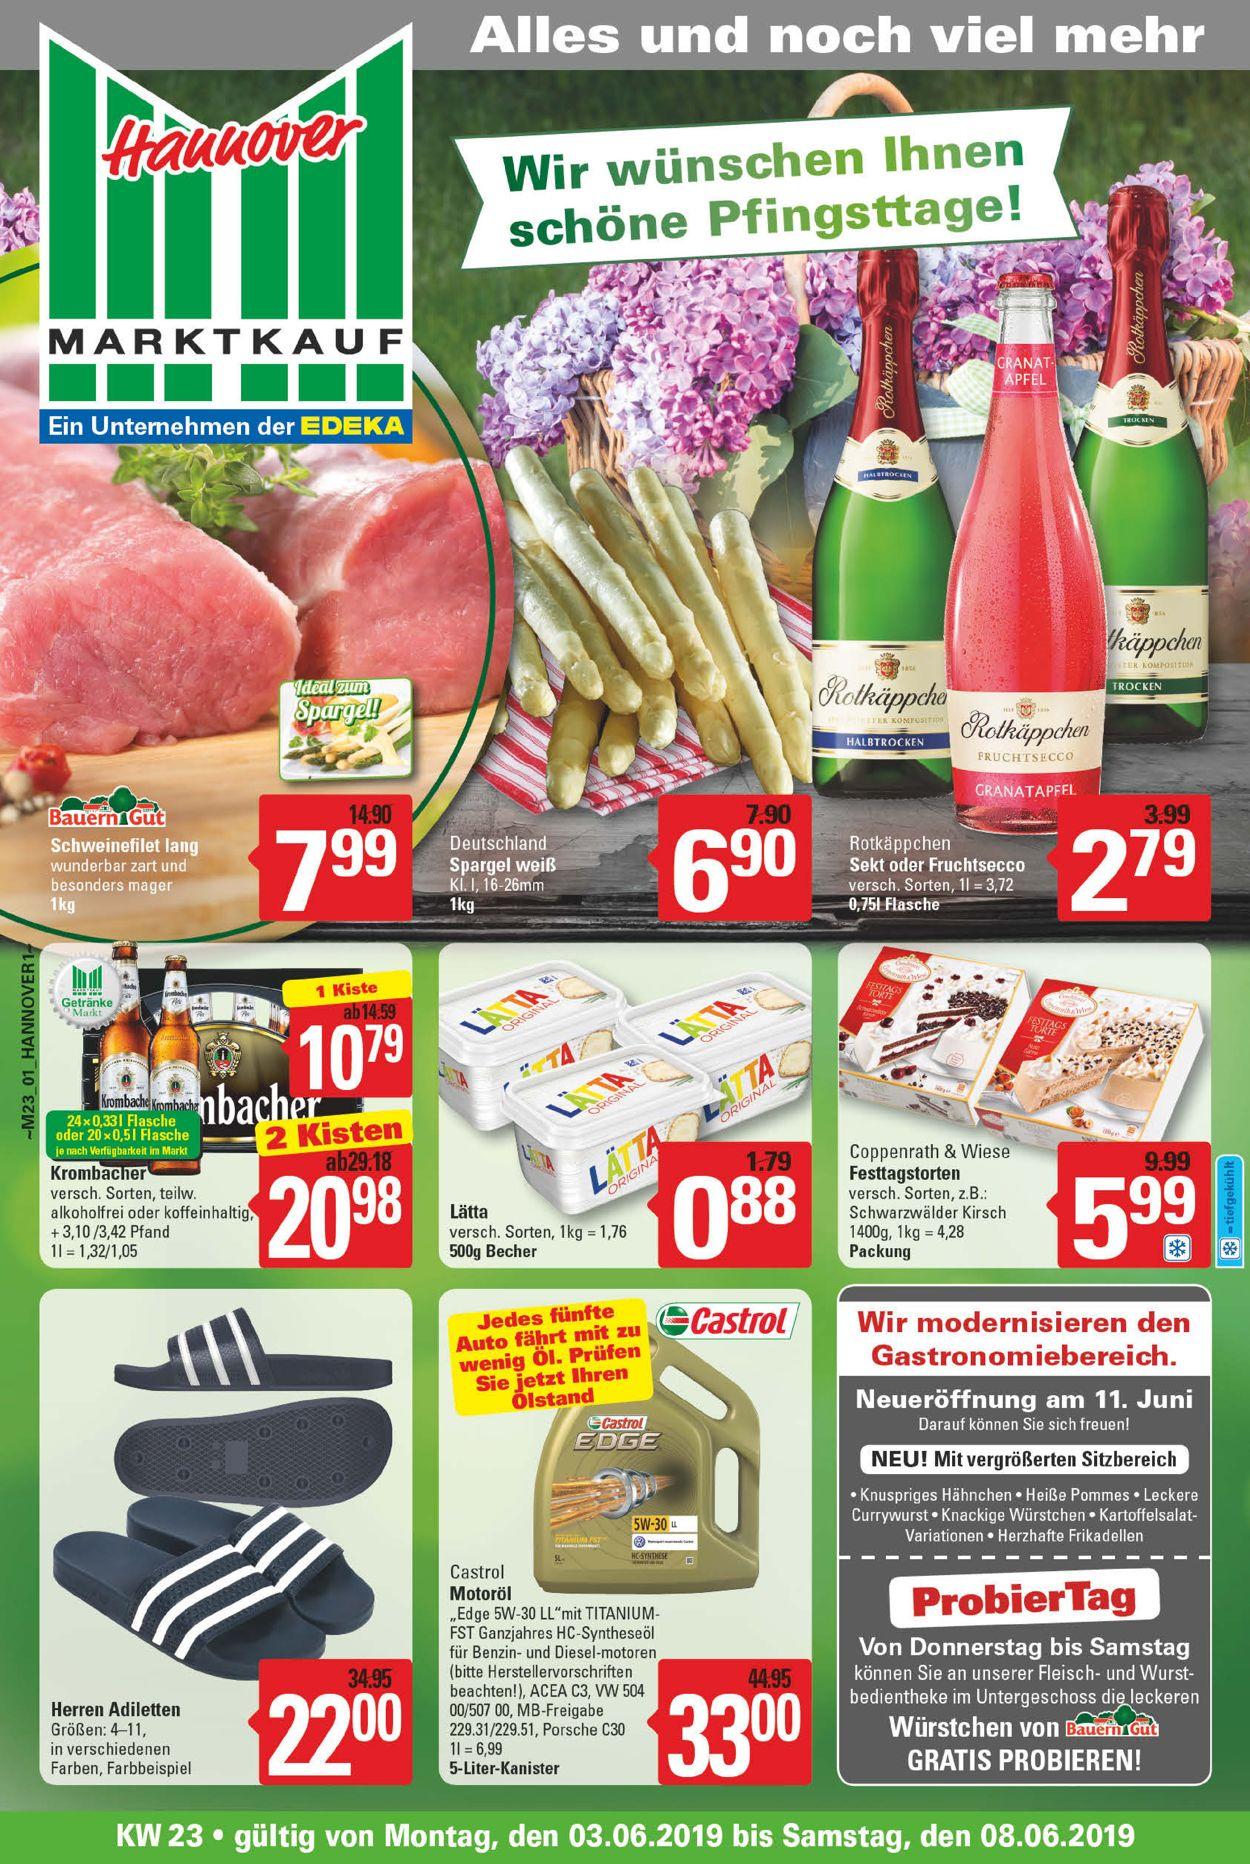 Marktkauf Prospekt - Aktuell vom 03.06-08.06.2019